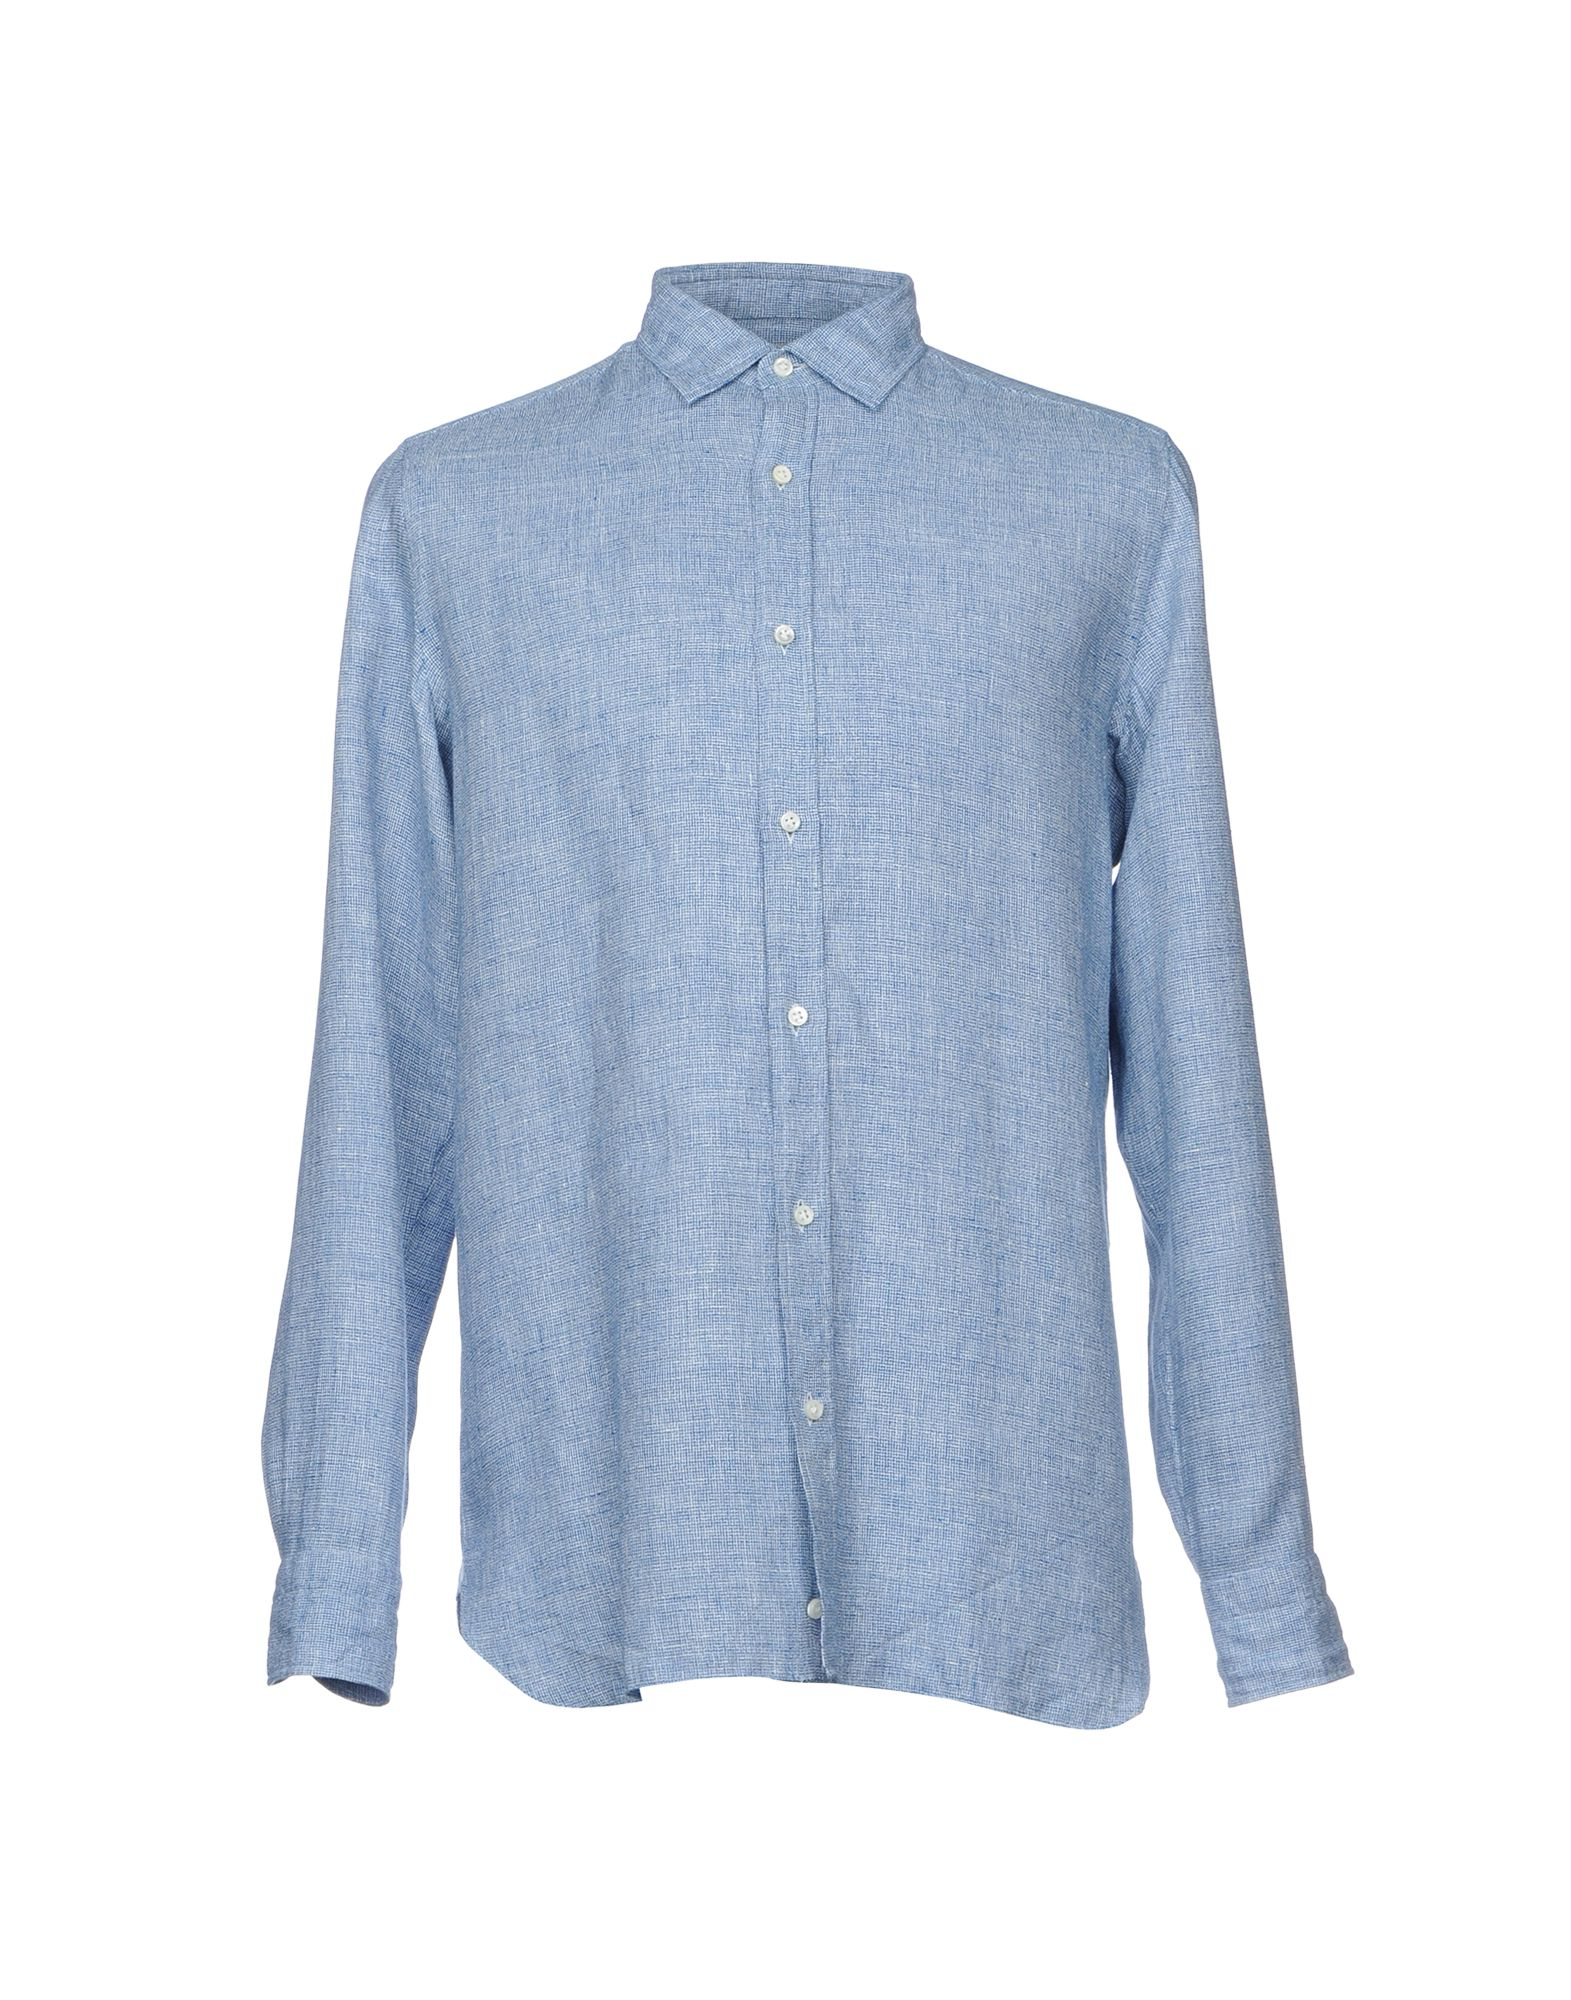 LUIGI BORRELLI NAPOLI Herren Hemd Farbe Blau Größe 5